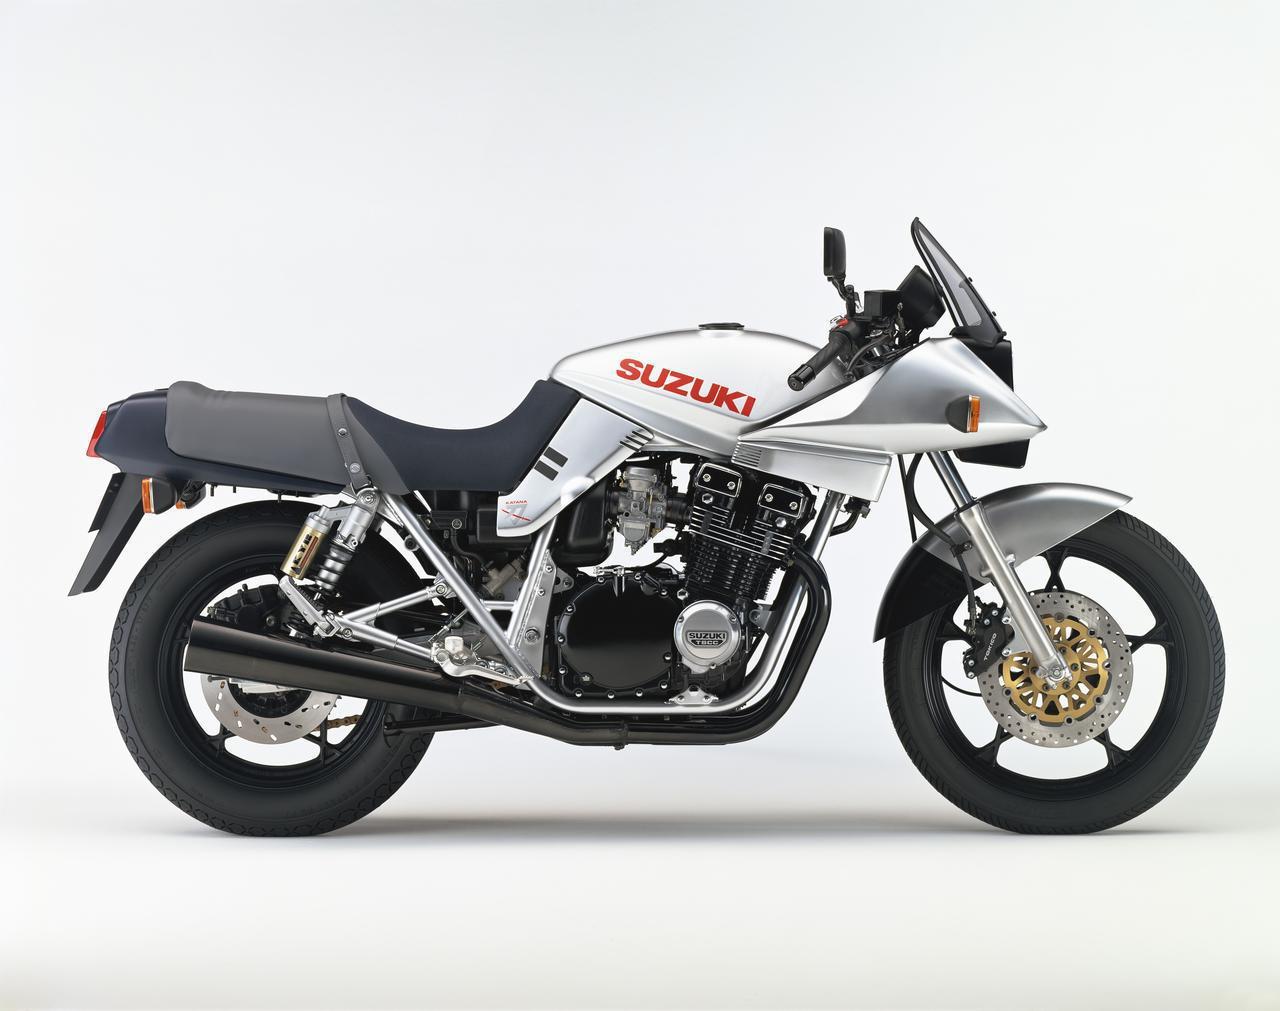 画像: 【難易度☆】バイク好きなら知ってて当然? 伝説の『KATANA』のこと - スズキのバイク!